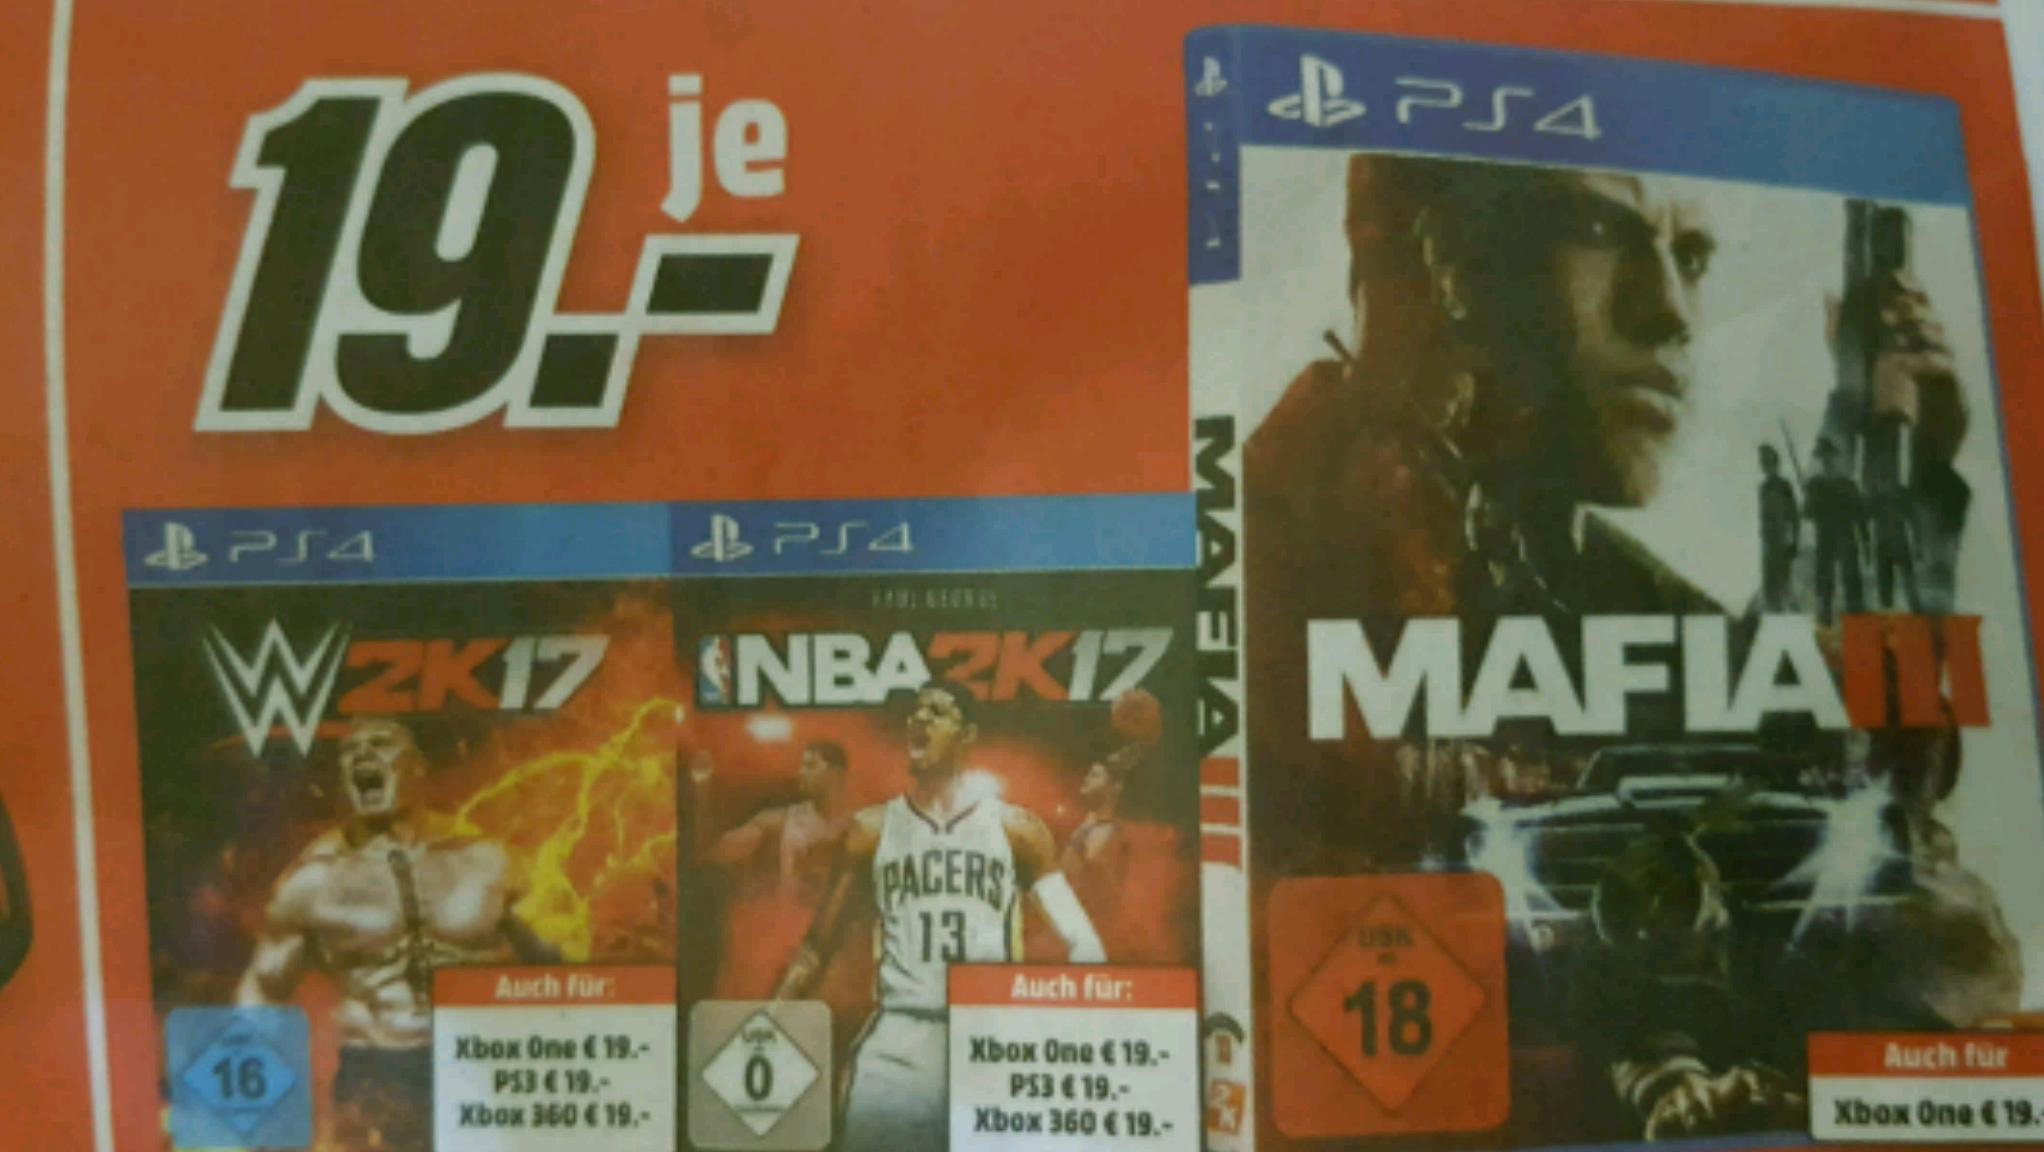 [MediaMärkte in München und Umgebung] Mafia 3, Nba 2k17, wwe2k17 für 19.-